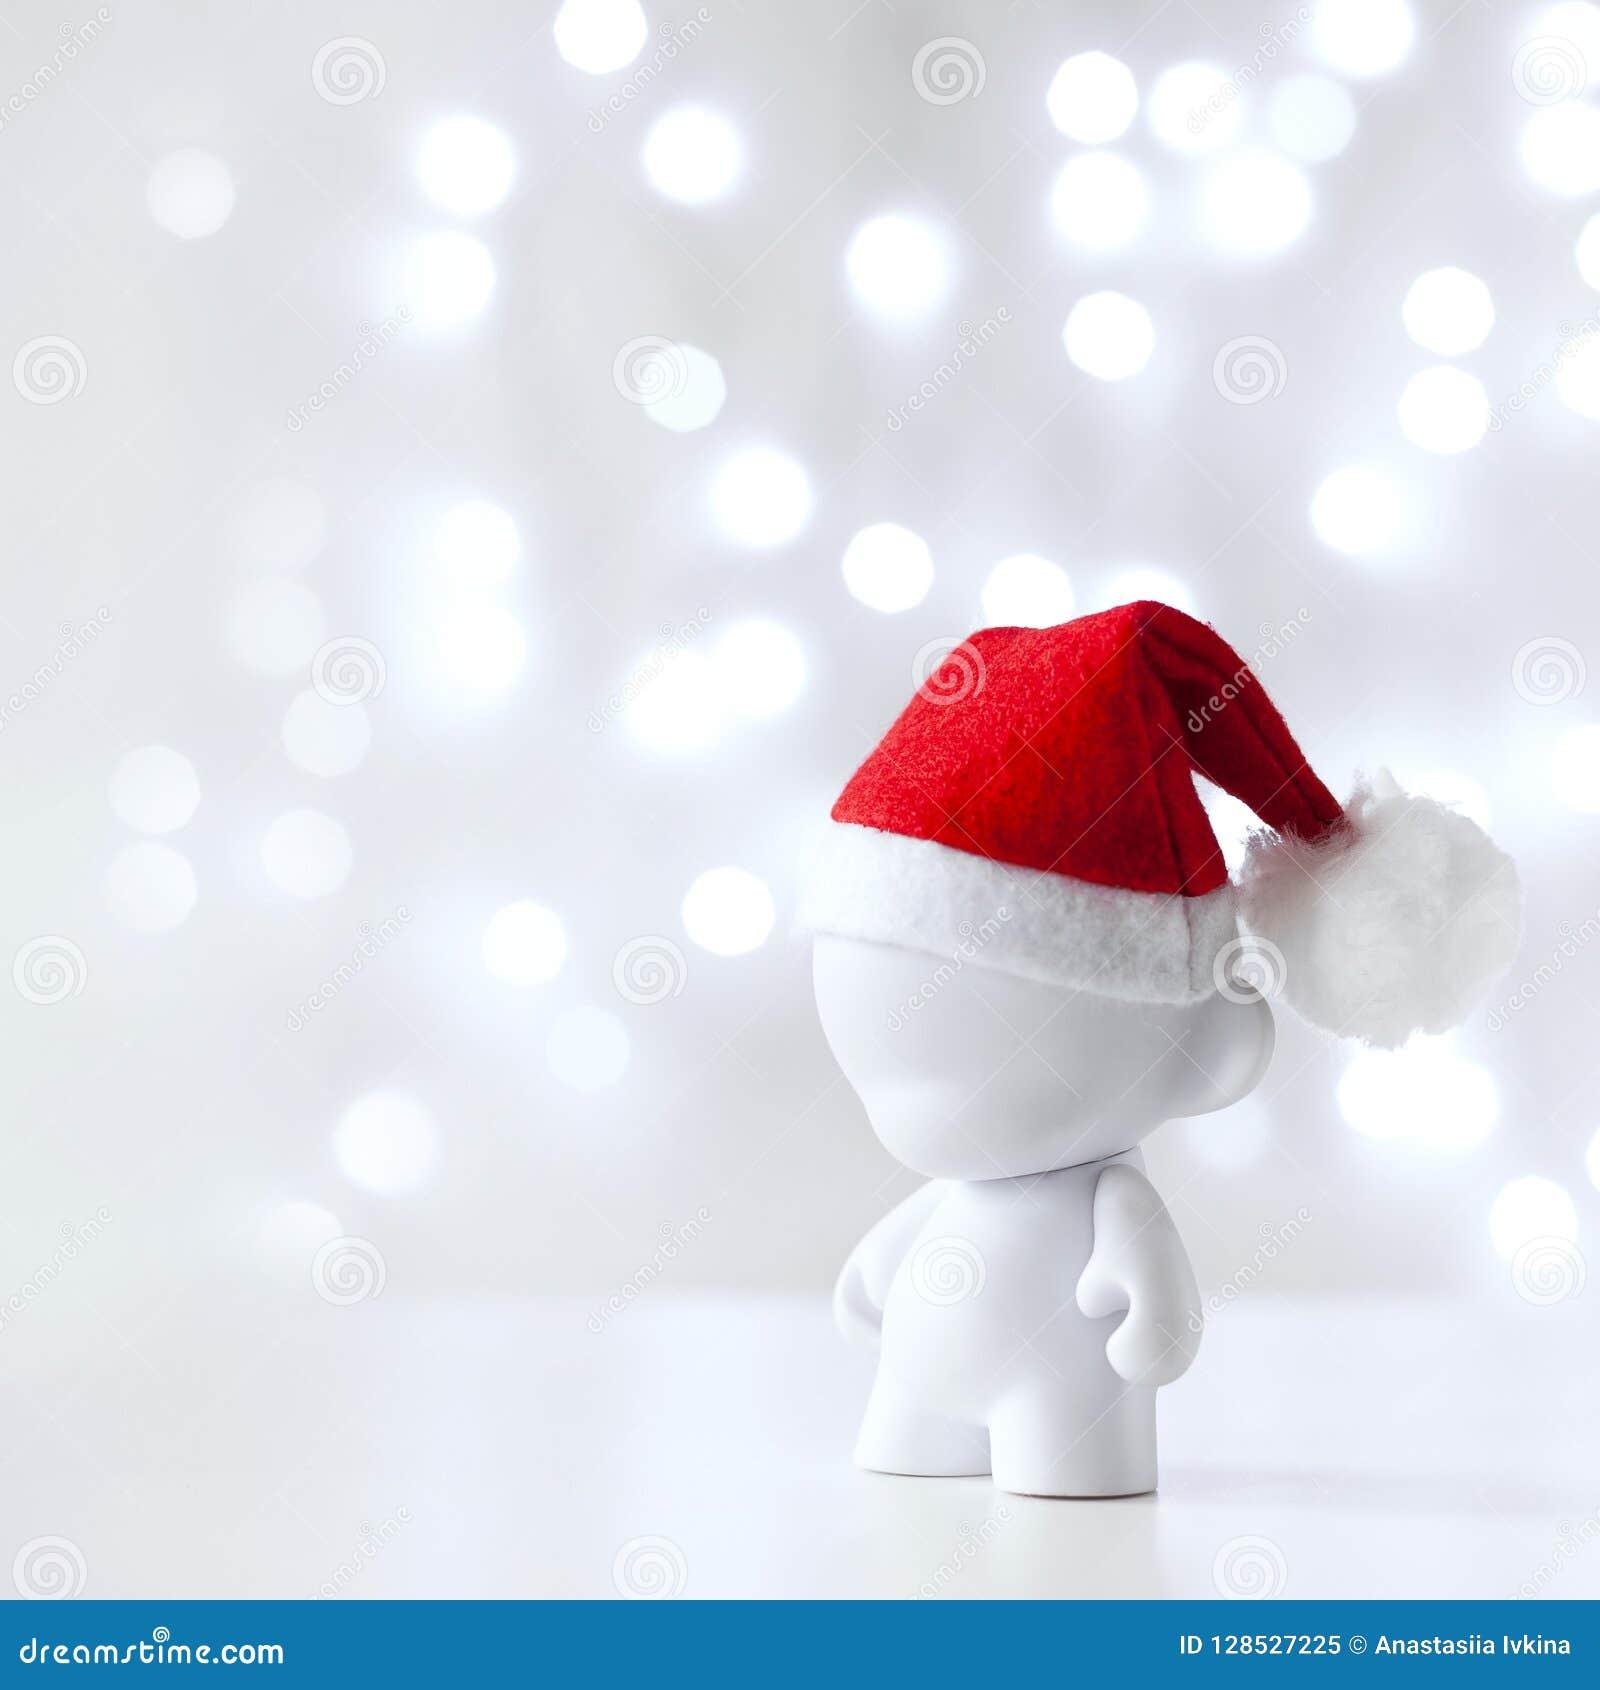 Weihnachtsnettes Spielzeug in Red Hat Santa Claus, Symbol-neues Jahr, Defocused Licht-Weiß-Hintergrund